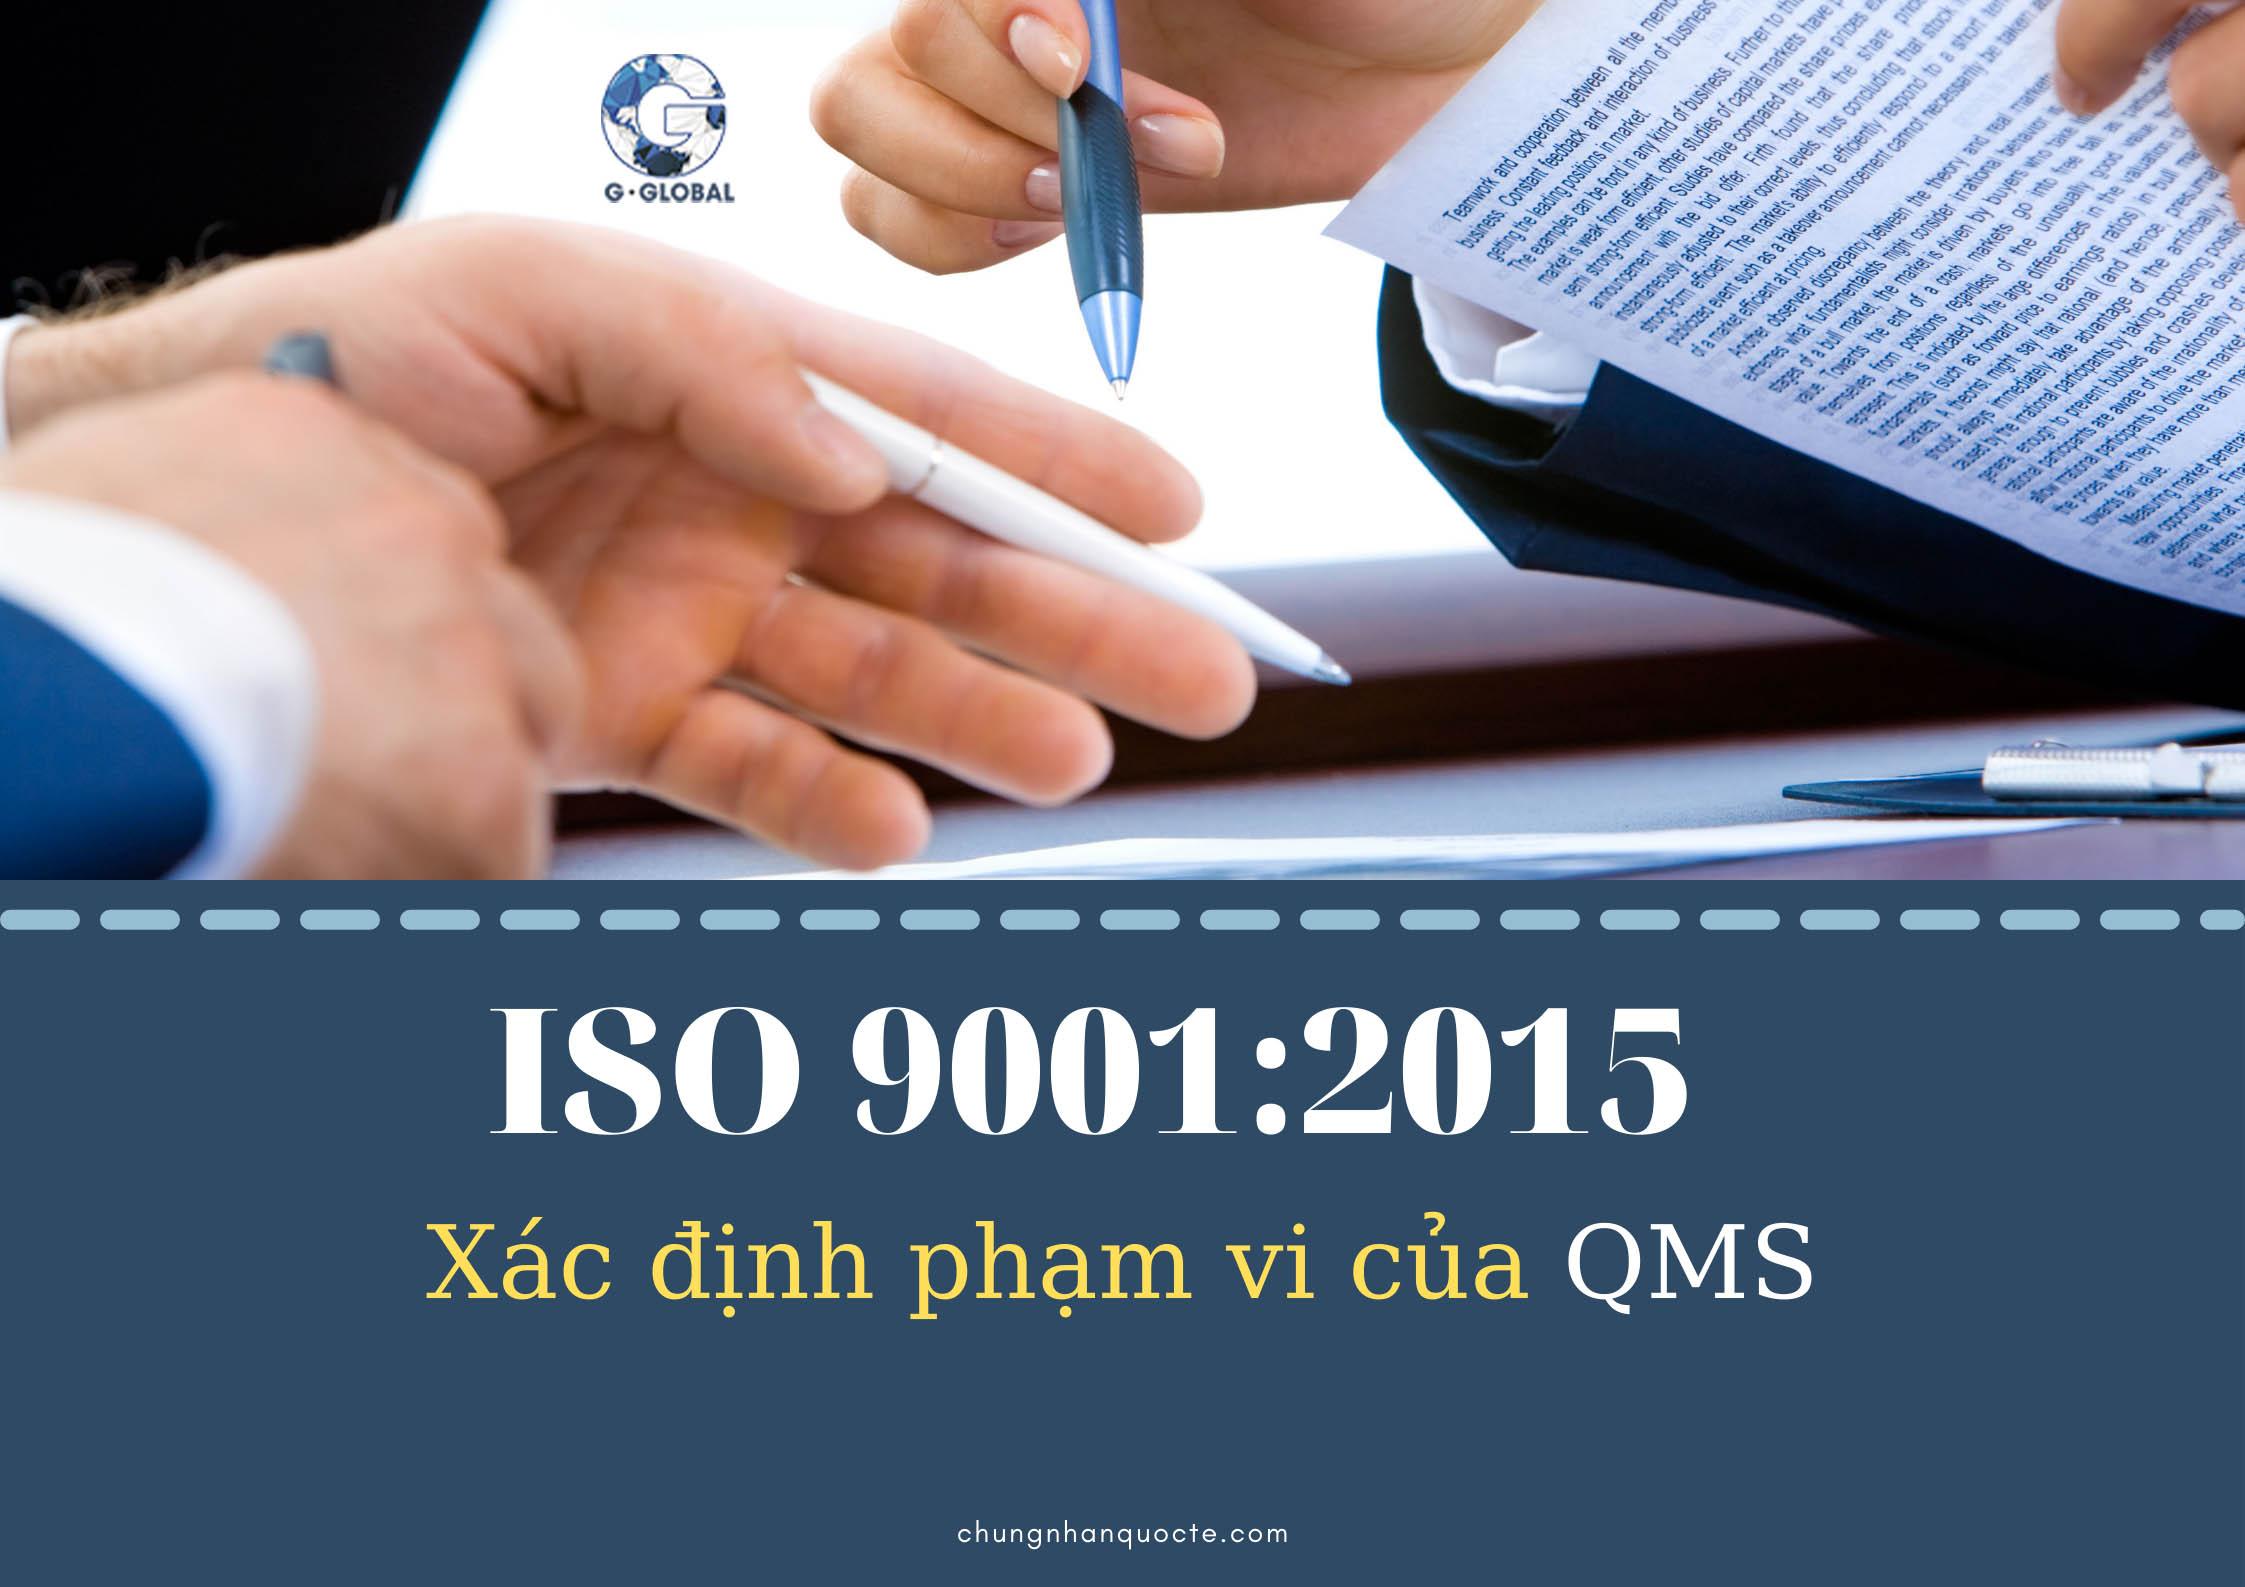 Xác định phạm vi của QMS có khó không